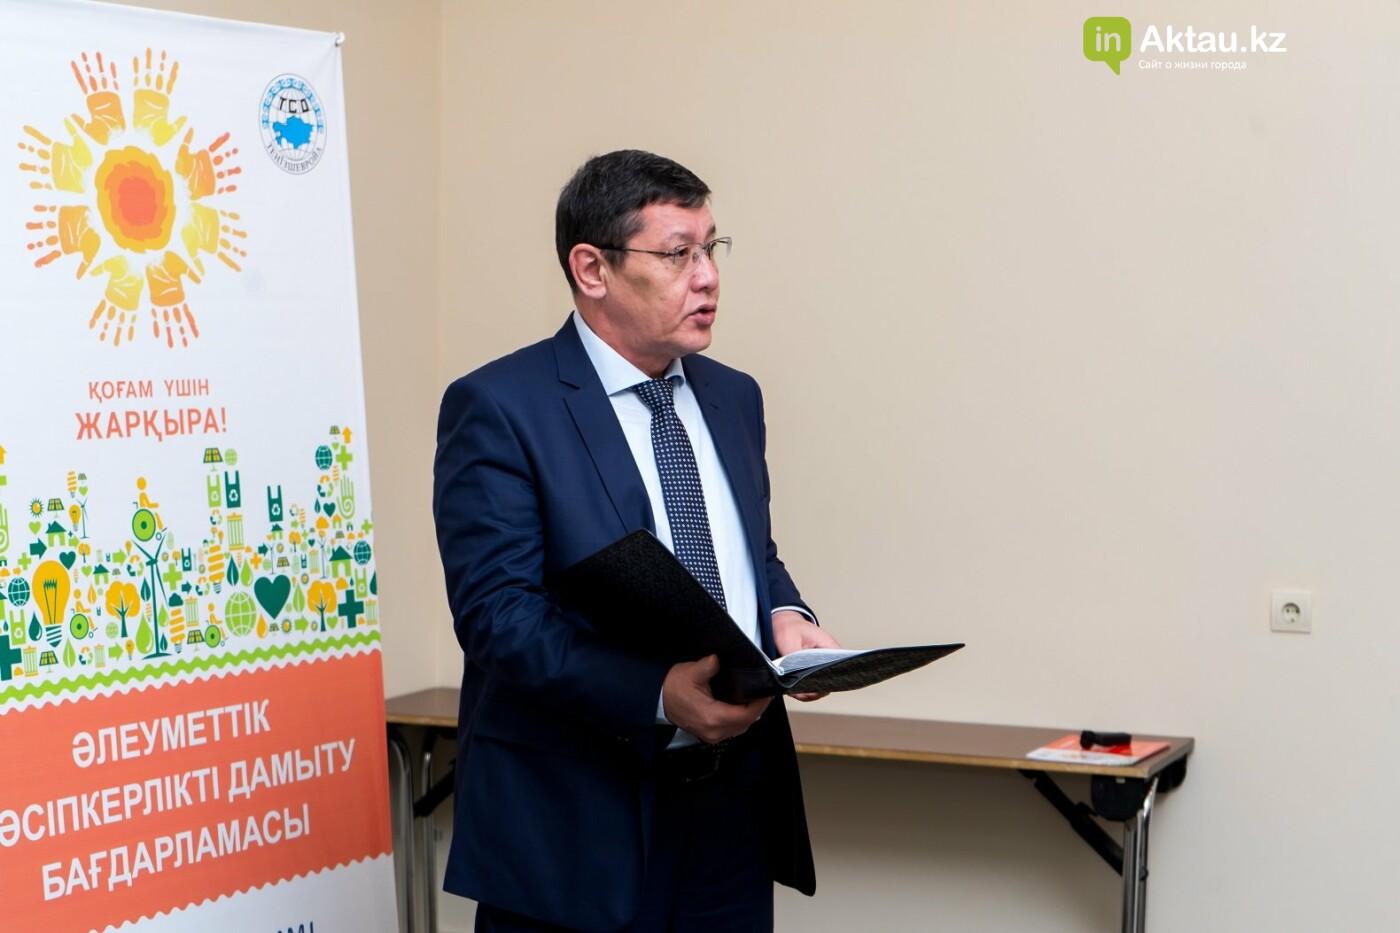 """В Актау откроется инклюзивный детский сад и кабинет """"Охраны зрения детей"""", фото-5"""